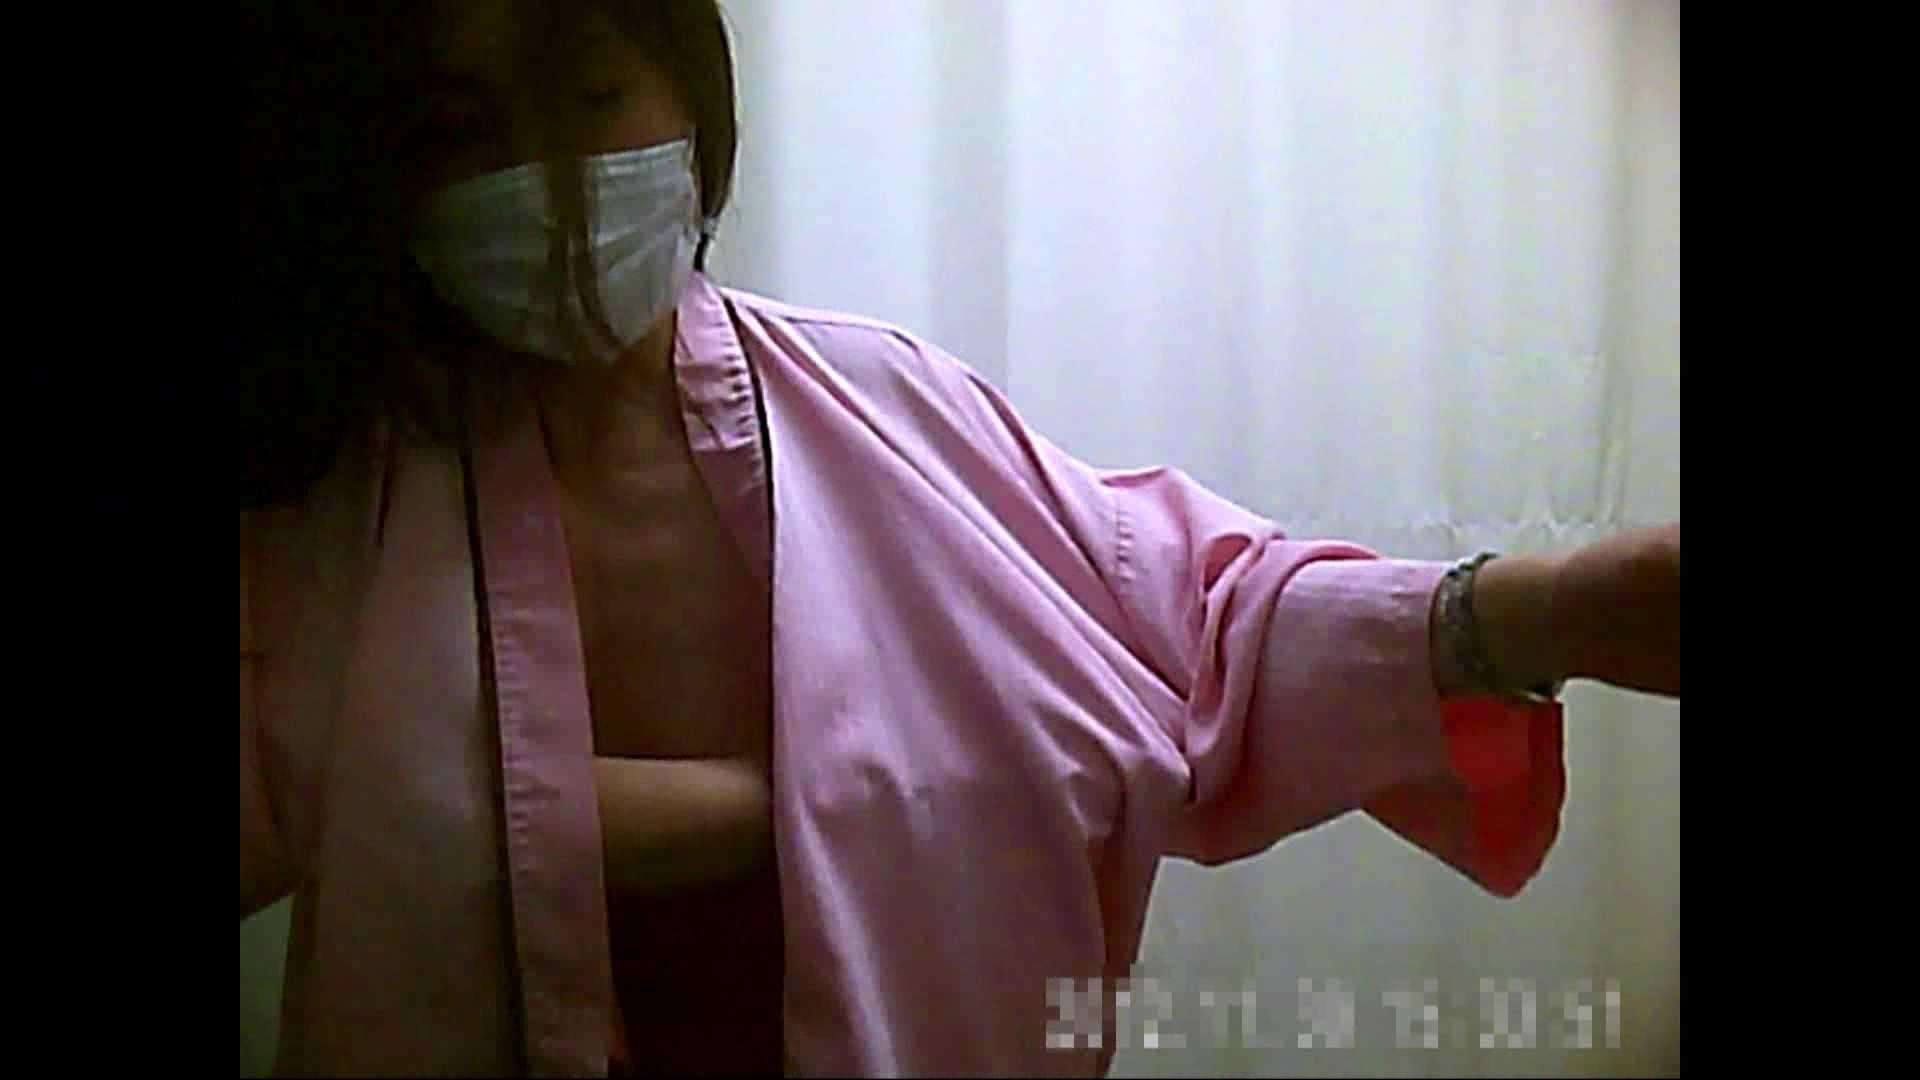 病院おもいっきり着替え! vol.165 巨乳 のぞき動画画像 81pic 5